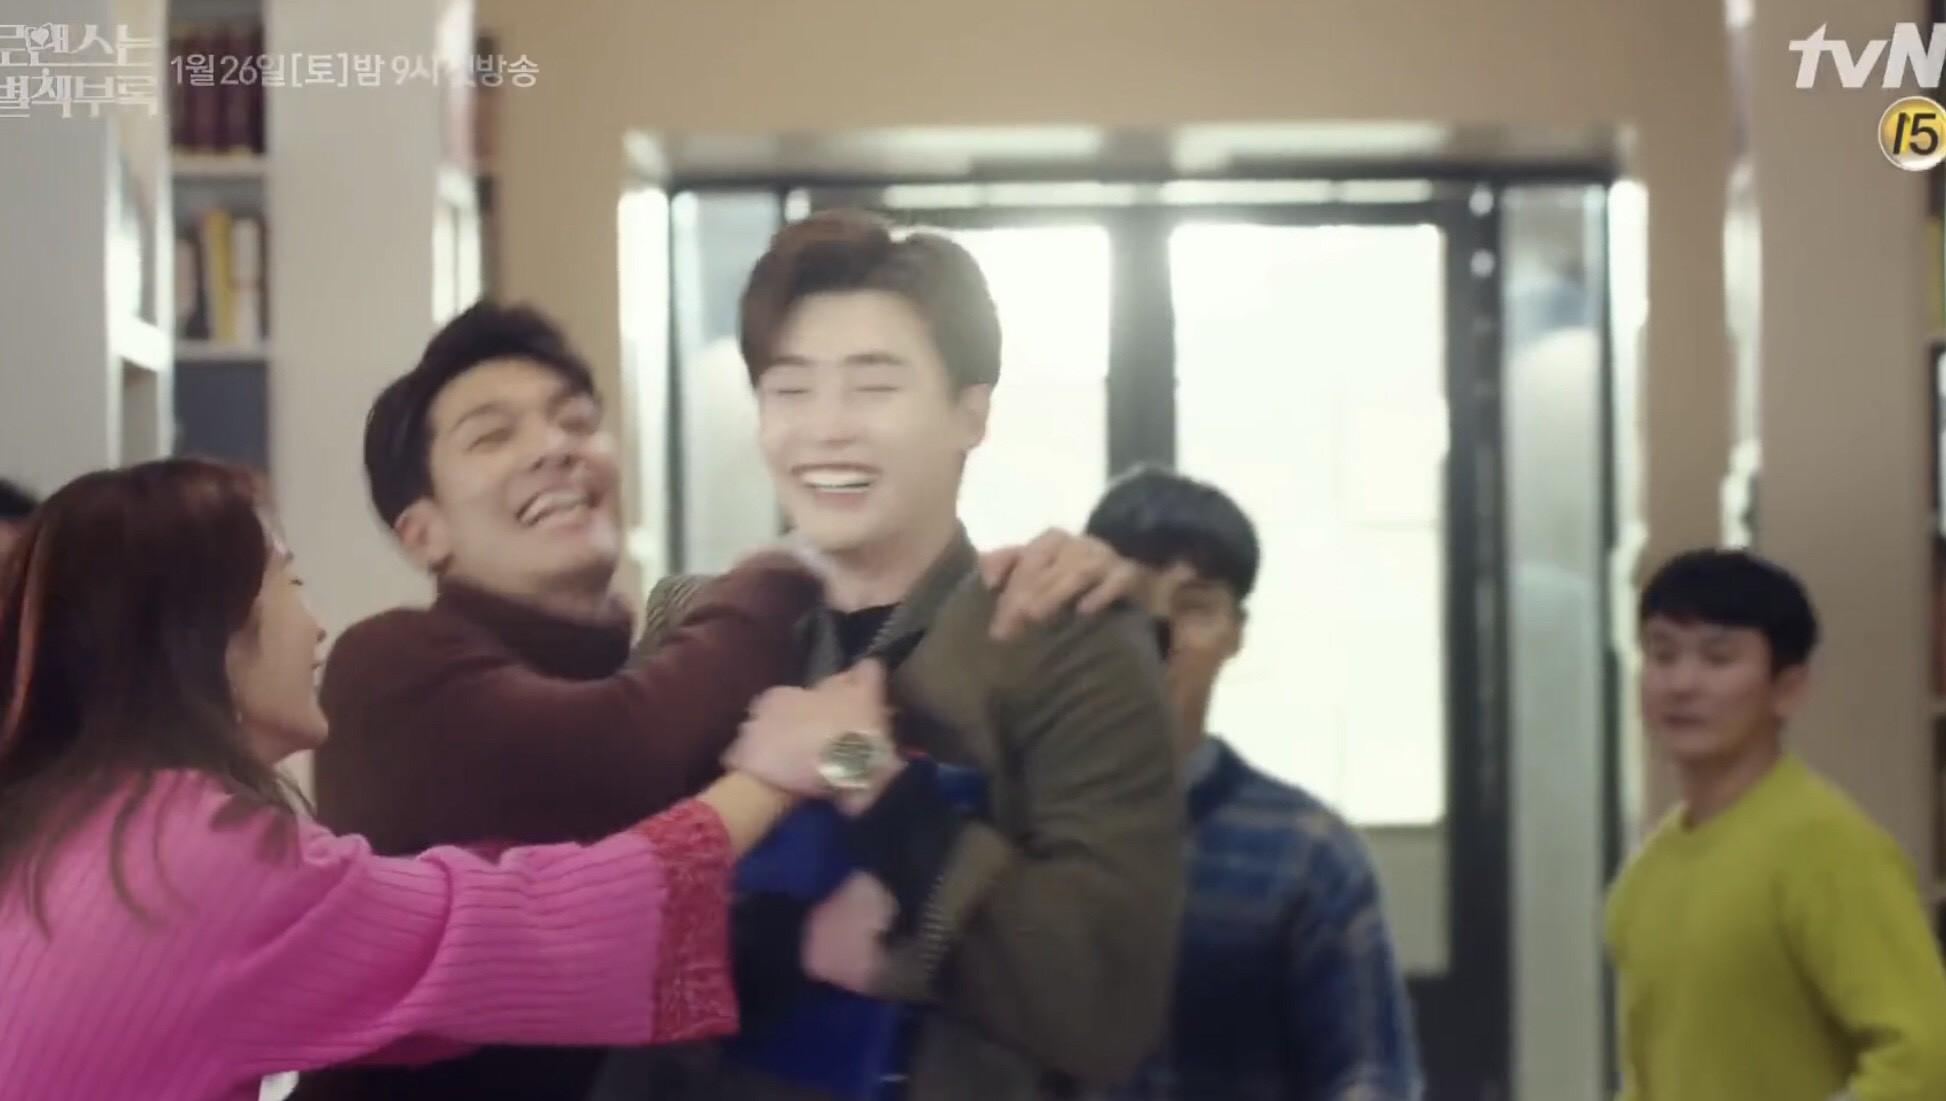 Vợ mỹ nhân của Won Bin ở tuổi U40 vẫn nhún nhảy tưng bừng ăn đứt Lee Jong Suk - Ảnh 7.